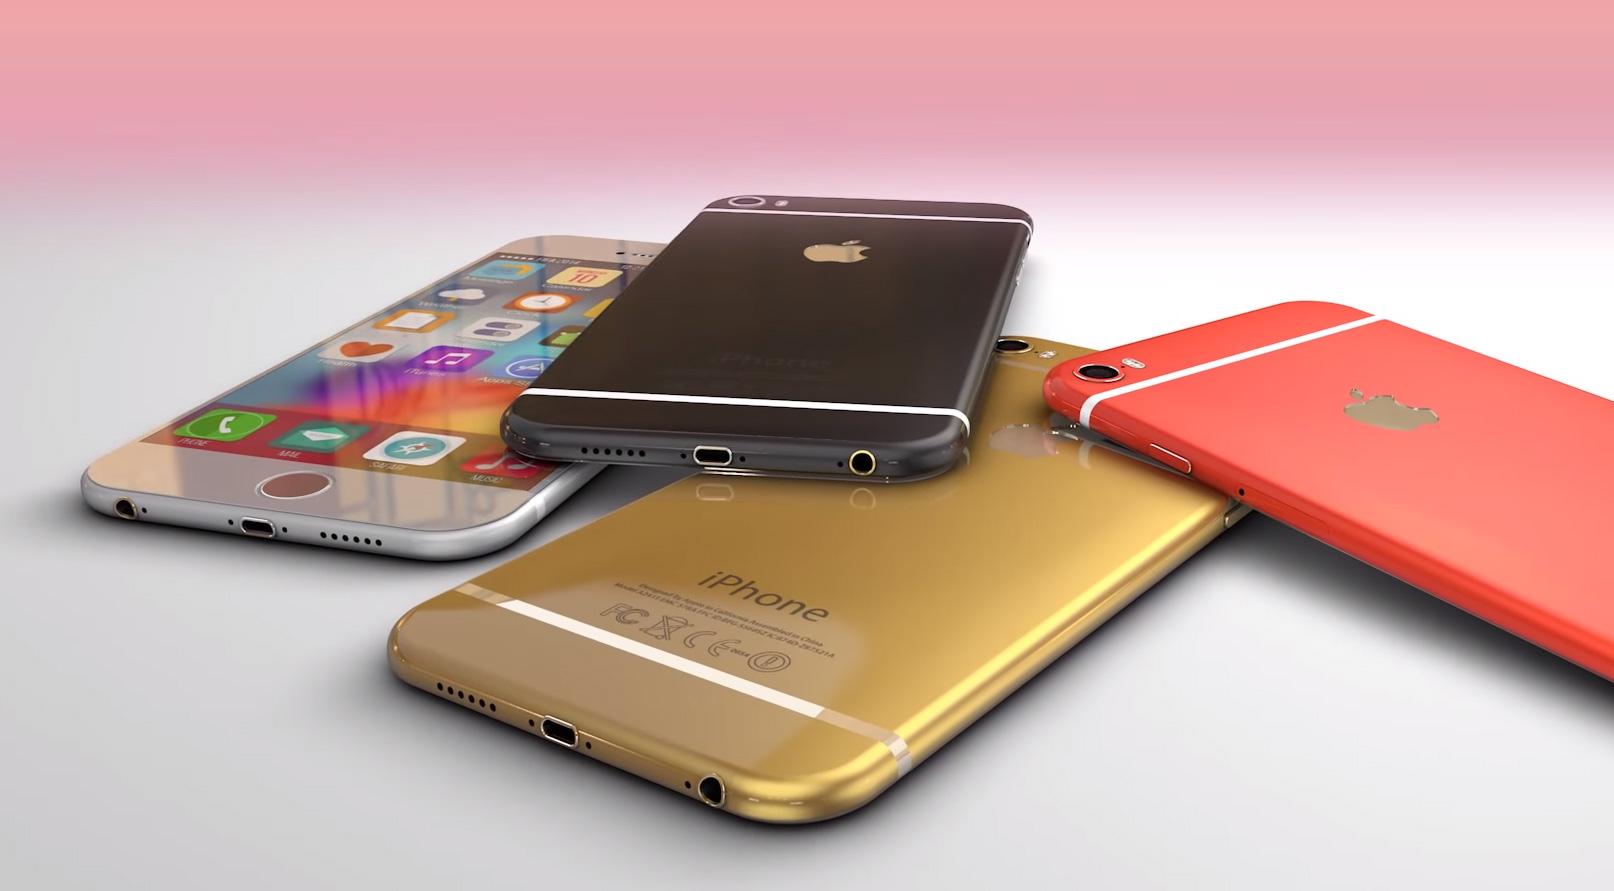 iPhone 6 concept, 3D rendering